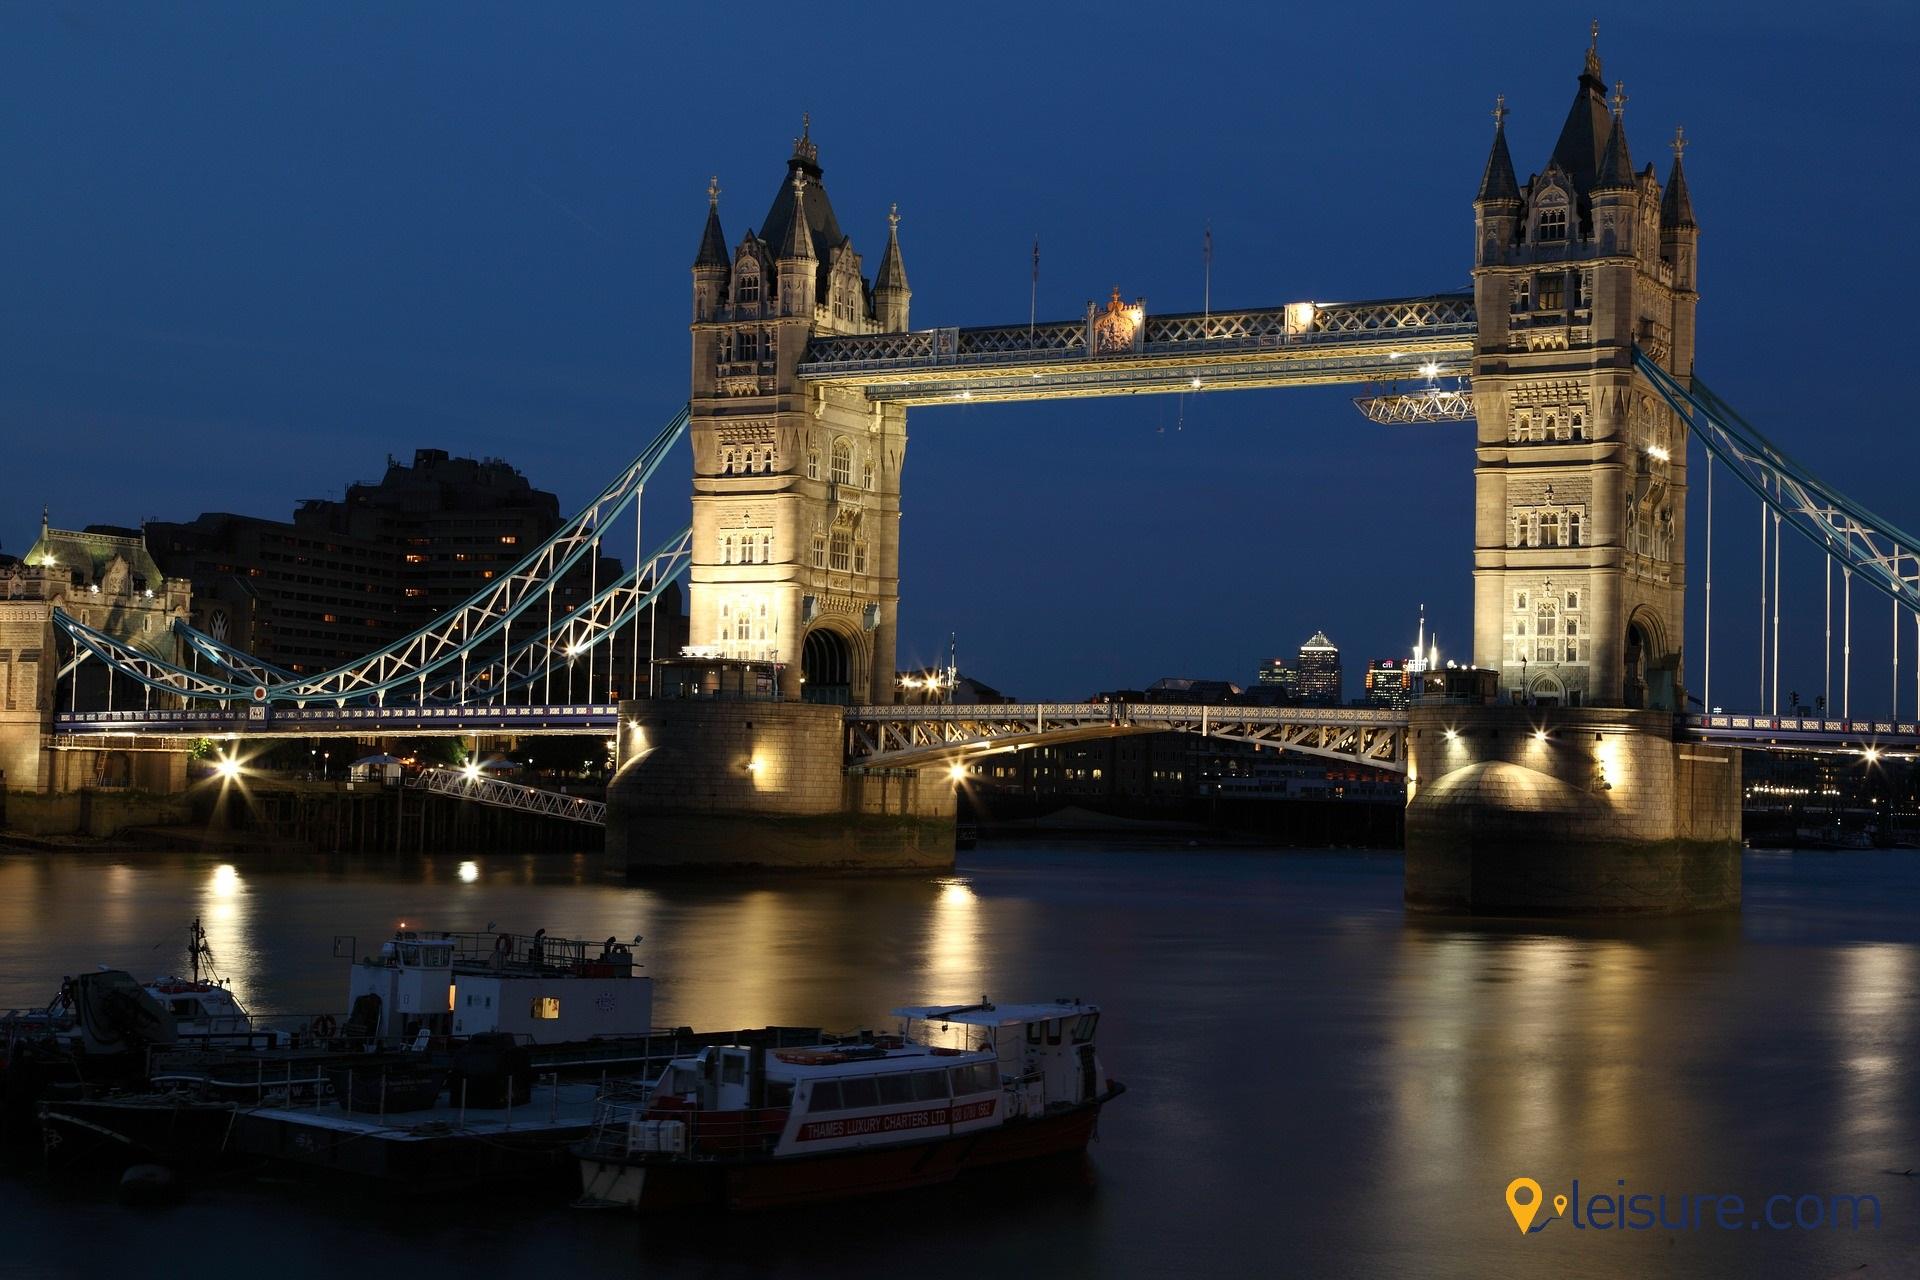 england-dark-architecture